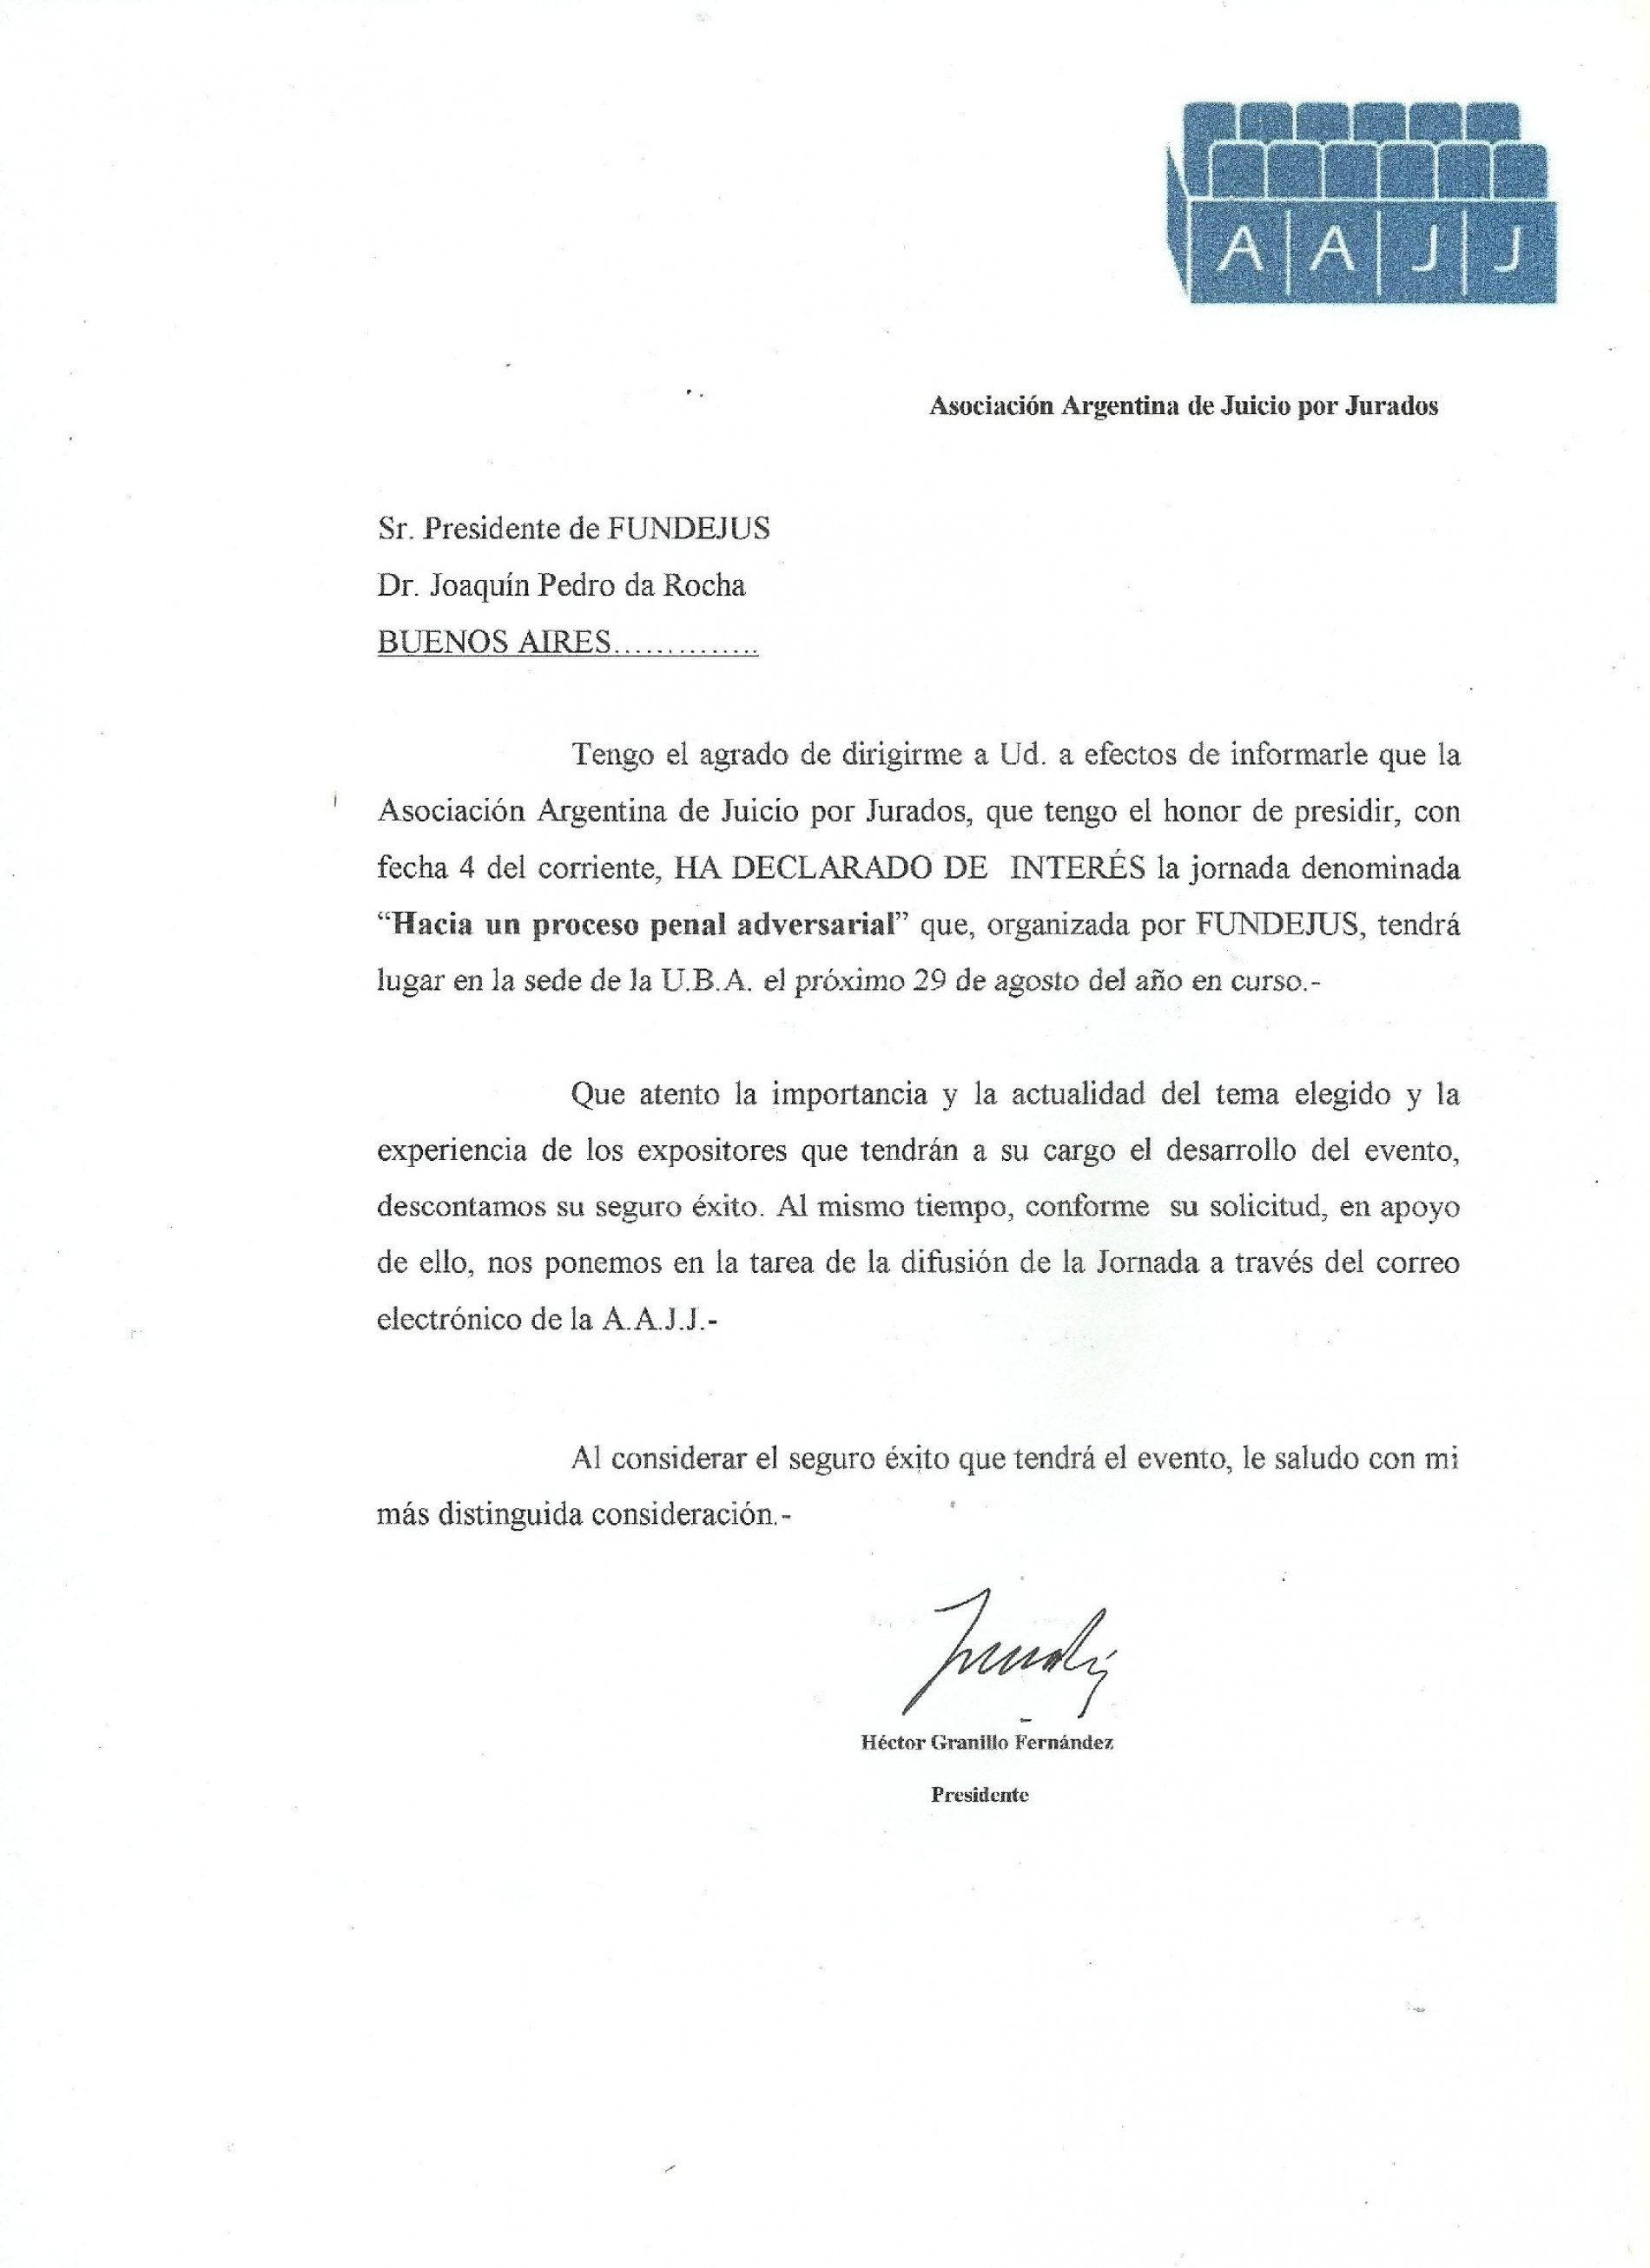 » Hacia un proceso penal adversarial «: Declaración de interés de la Asociación Argentina de Juicio por Jurados